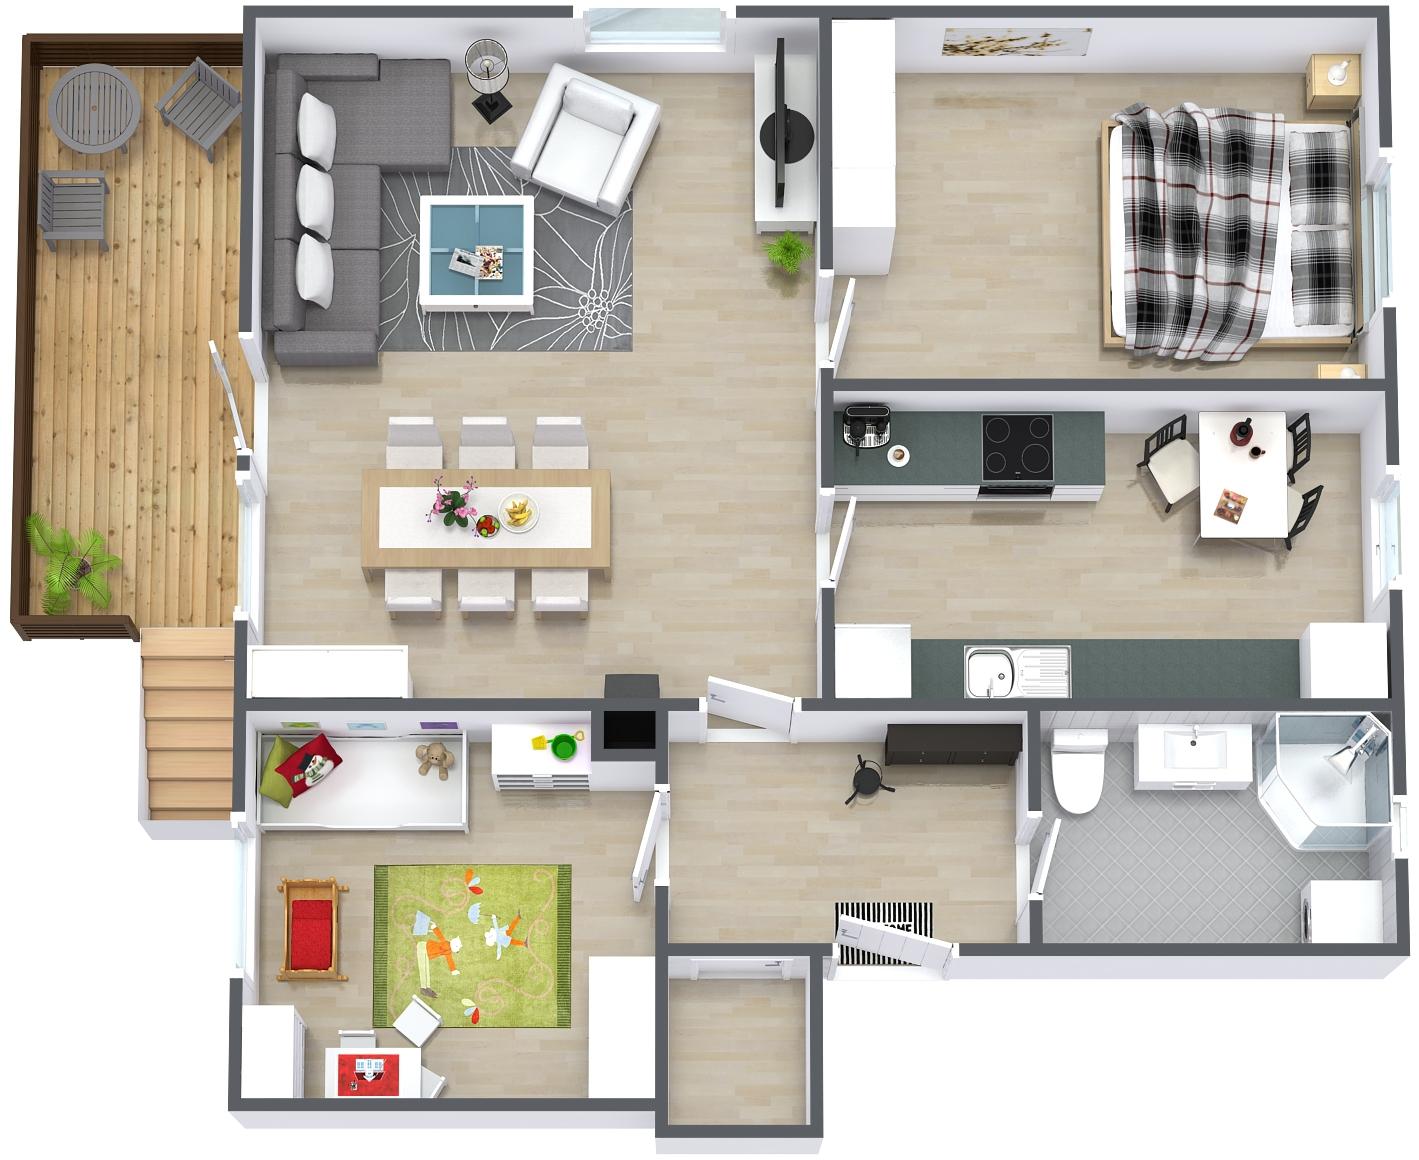 Warranty home inspection - floor plan